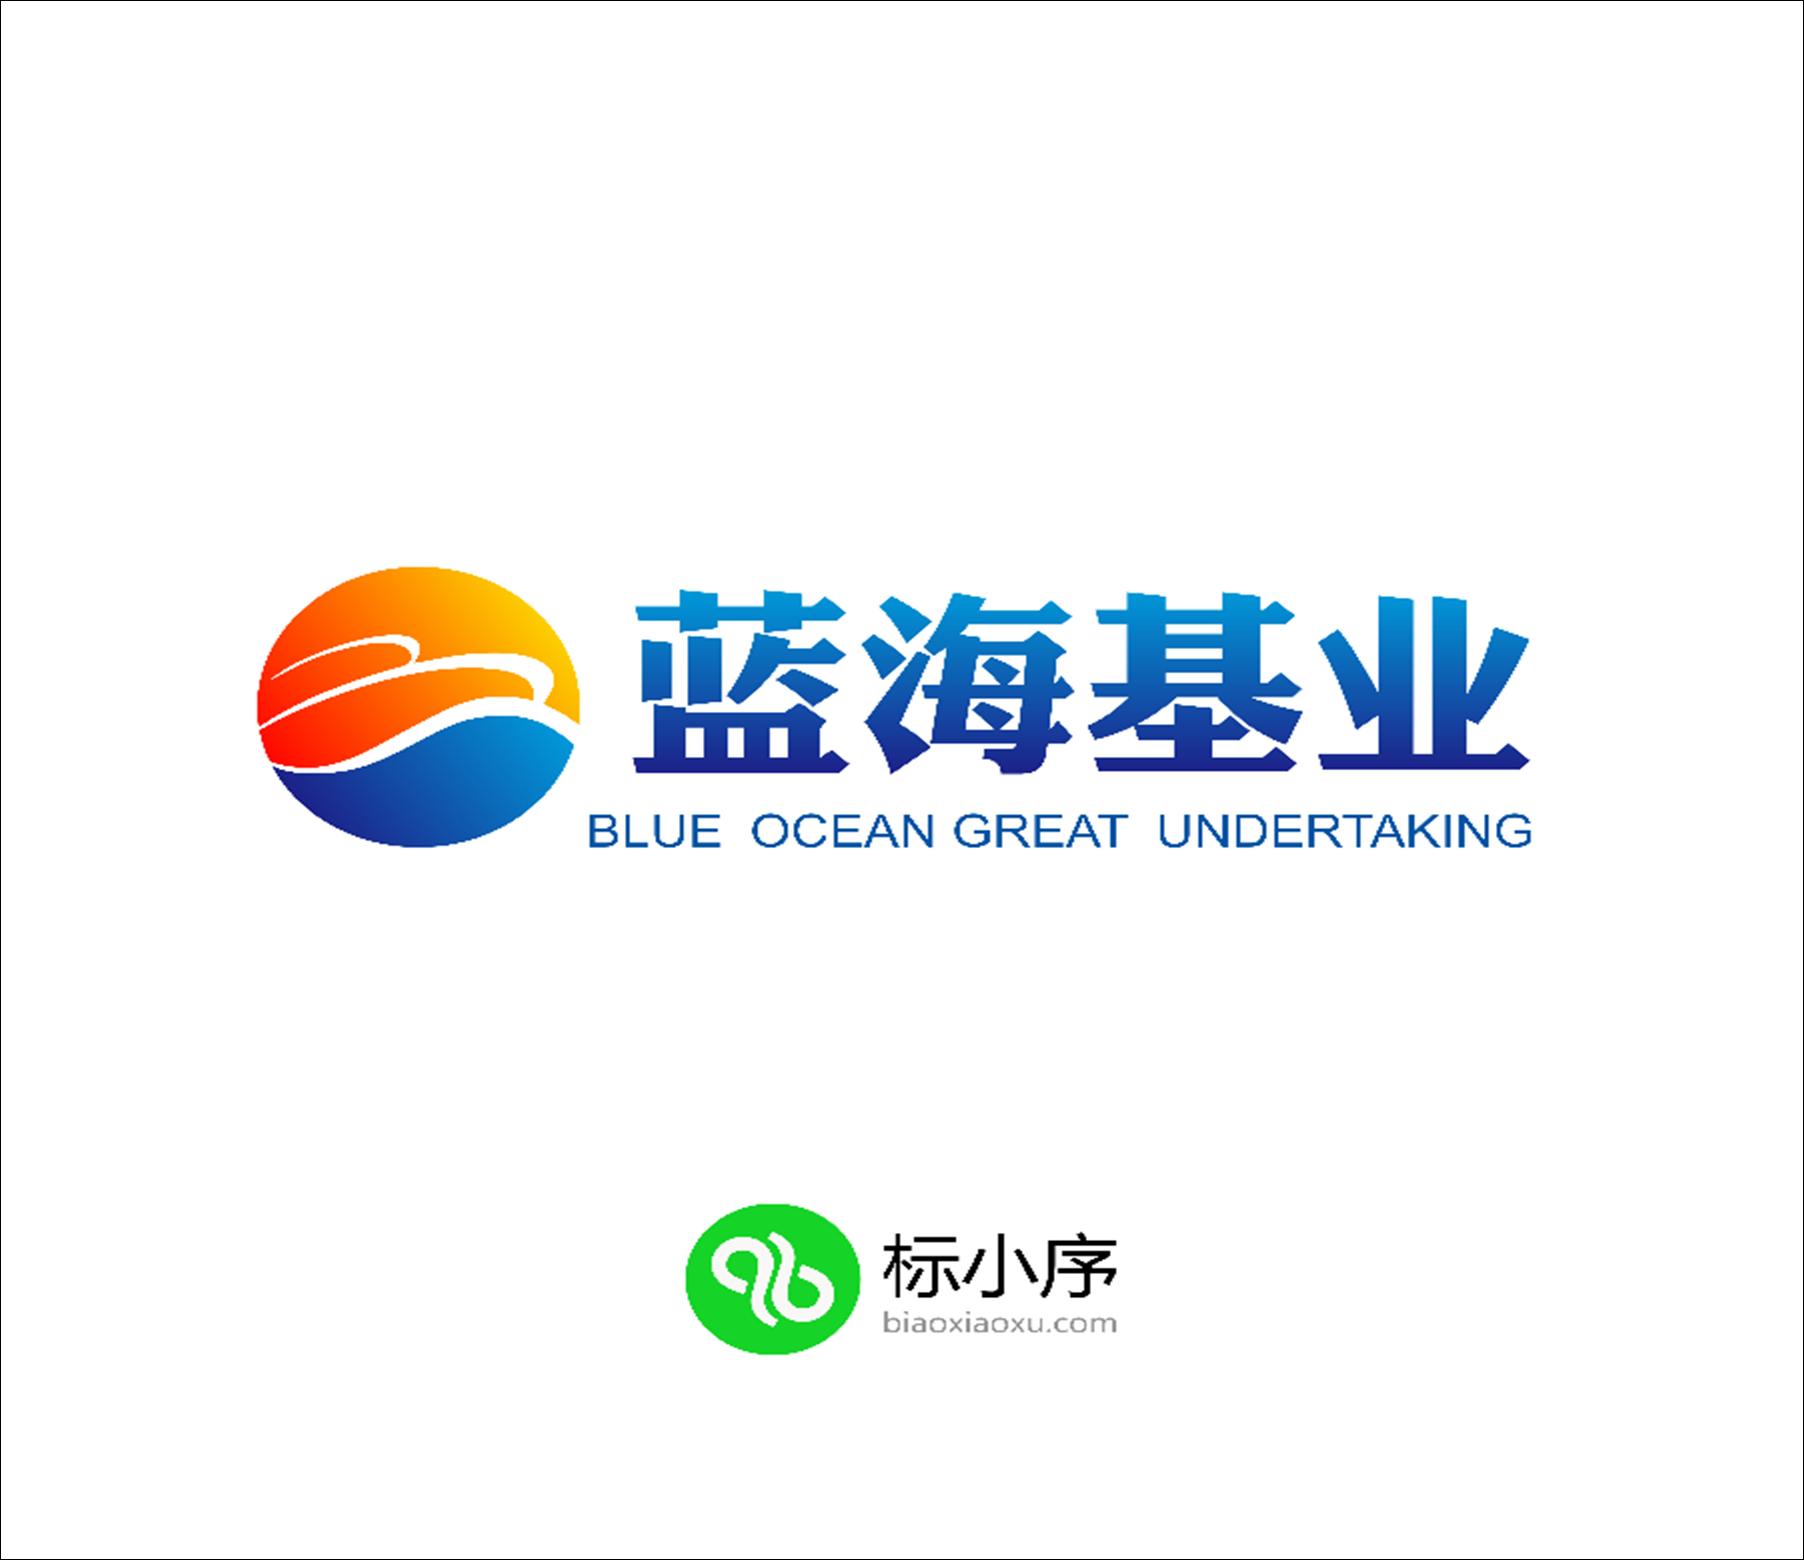 商标小程序加盟合作/小程序代理好做吗/北京蓝海基业科技有限公司